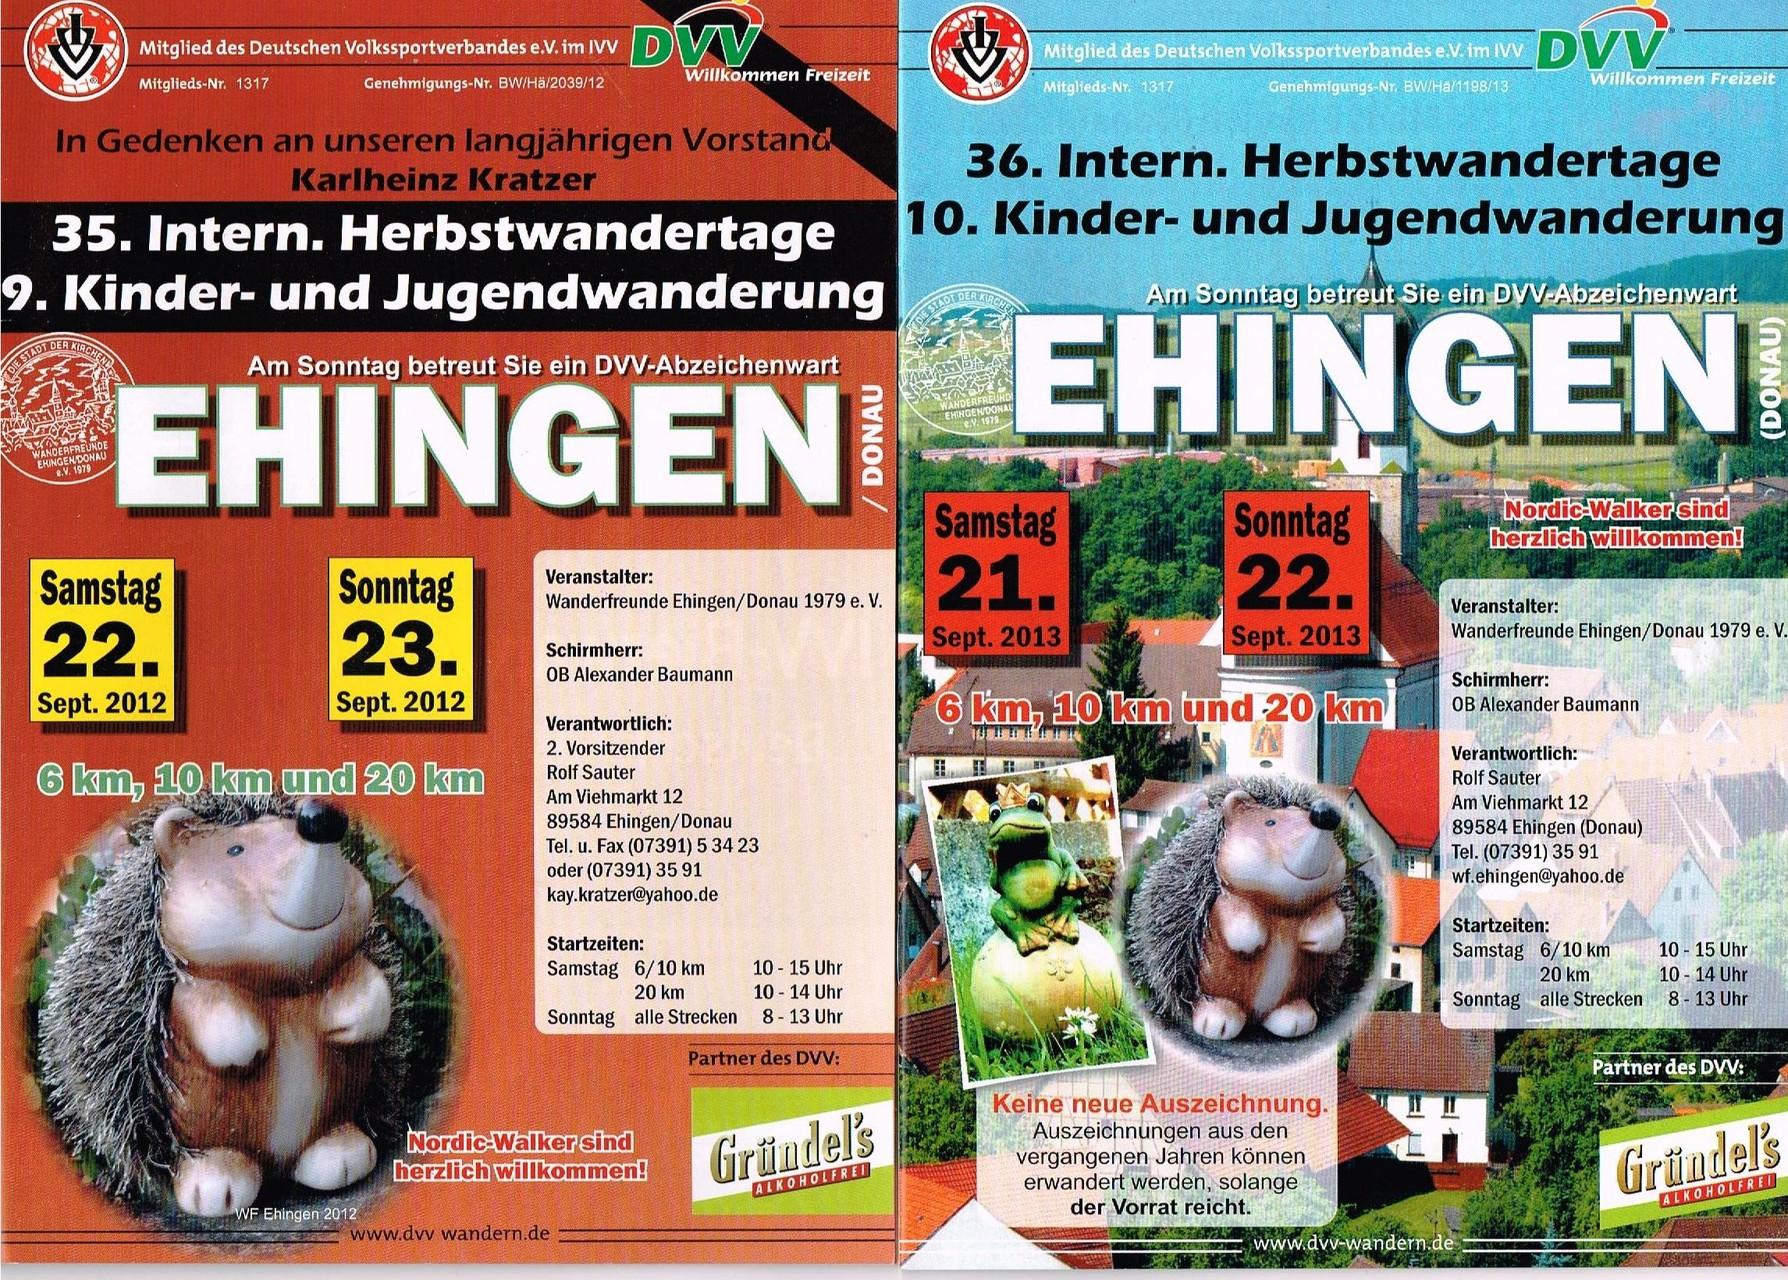 Ausschreibungen unserer 35. und 36. Internationalen Herbstwandertage, 9. und 10. Kinder- und Jugendwandertage im Jahre 2012/2013 (September)